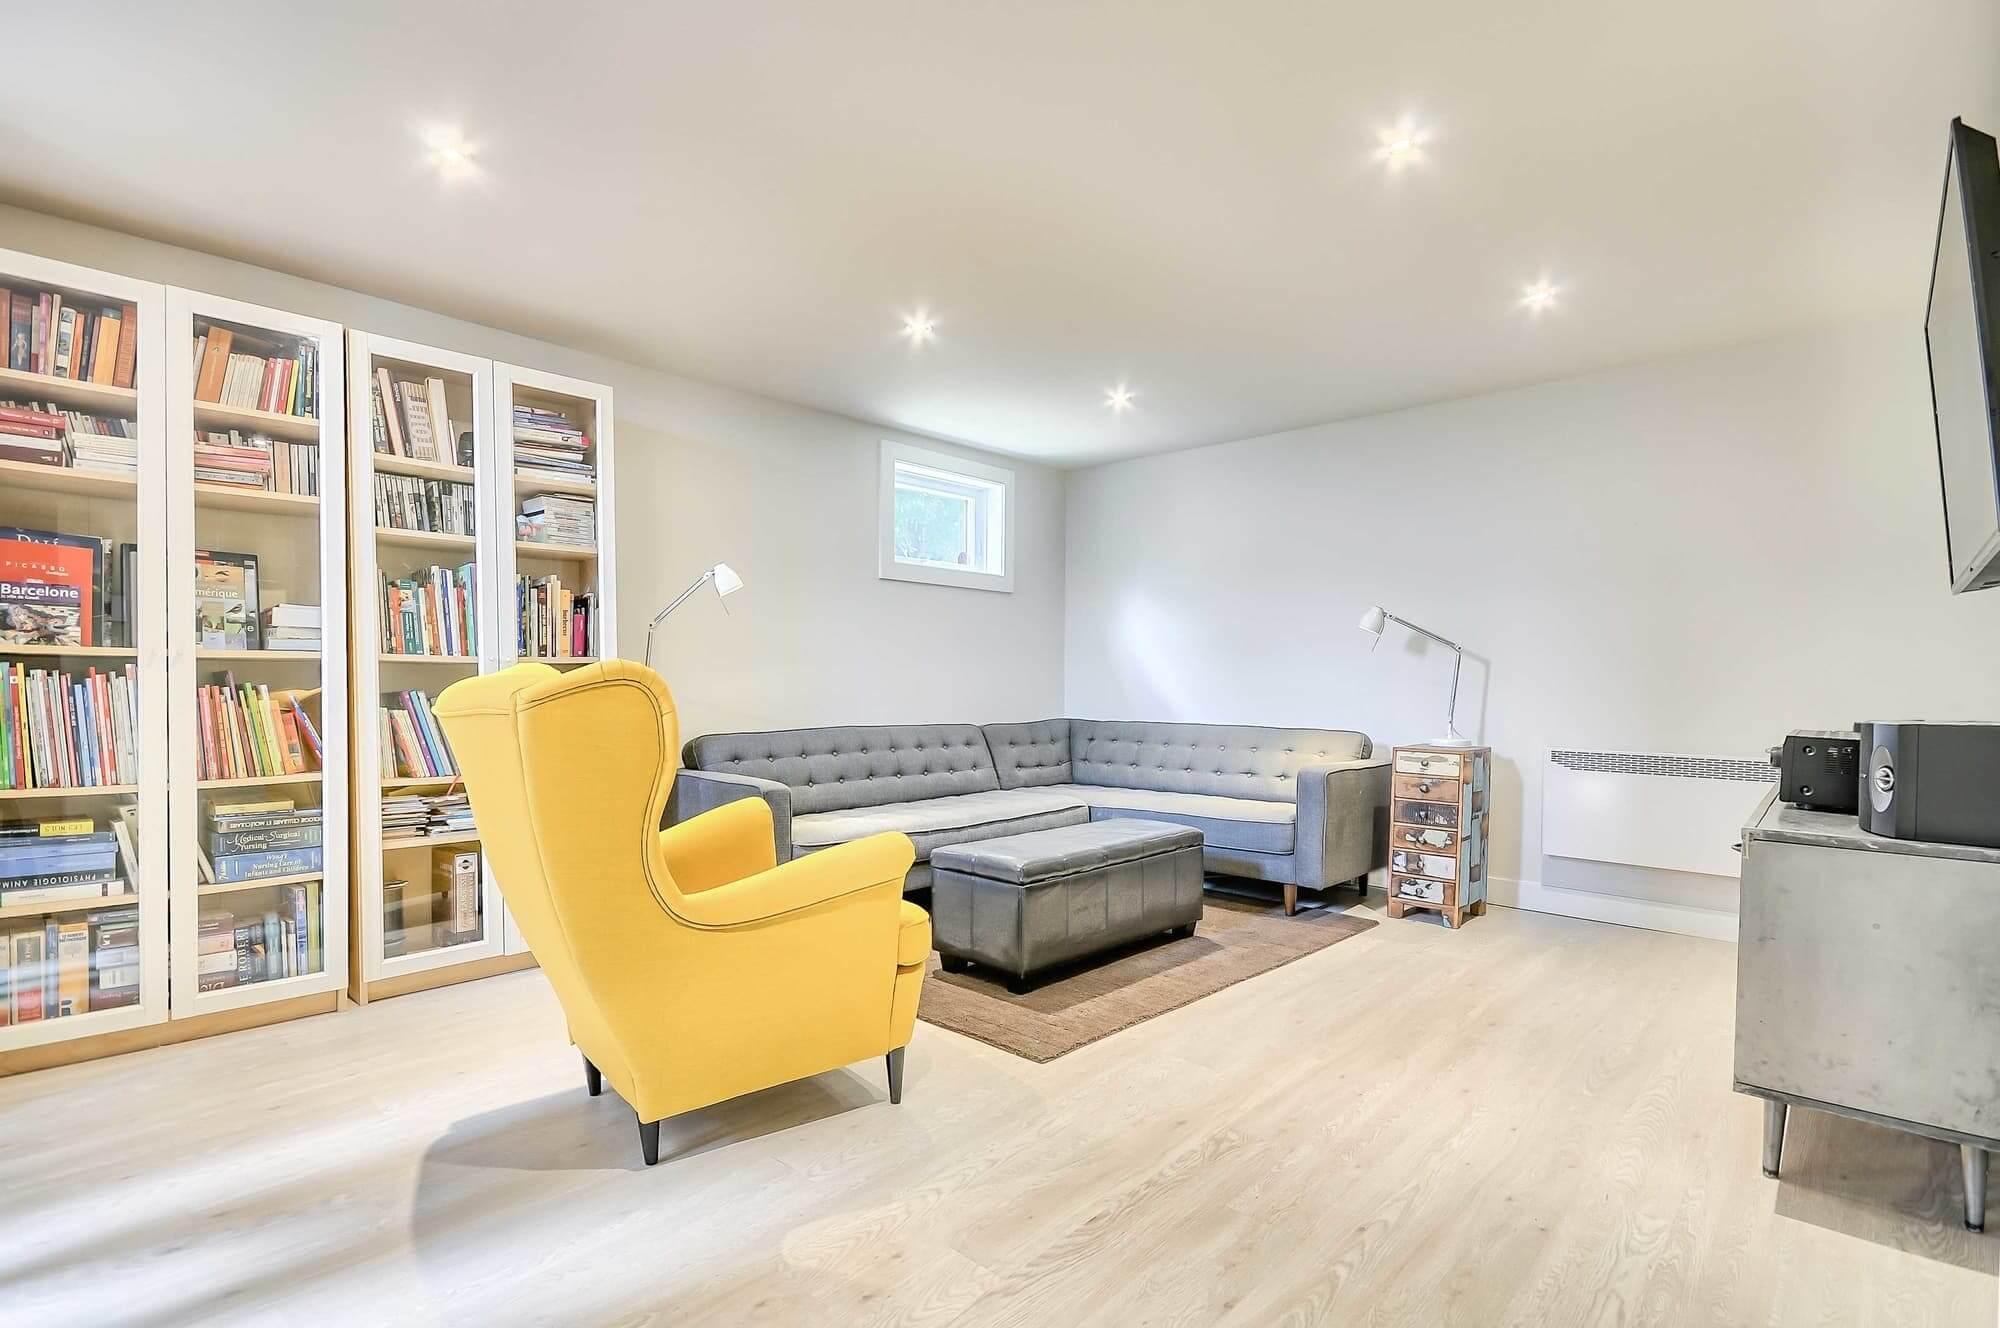 décoration de sous-sol avec bibliothèque, chaise jaune et divan en L gris